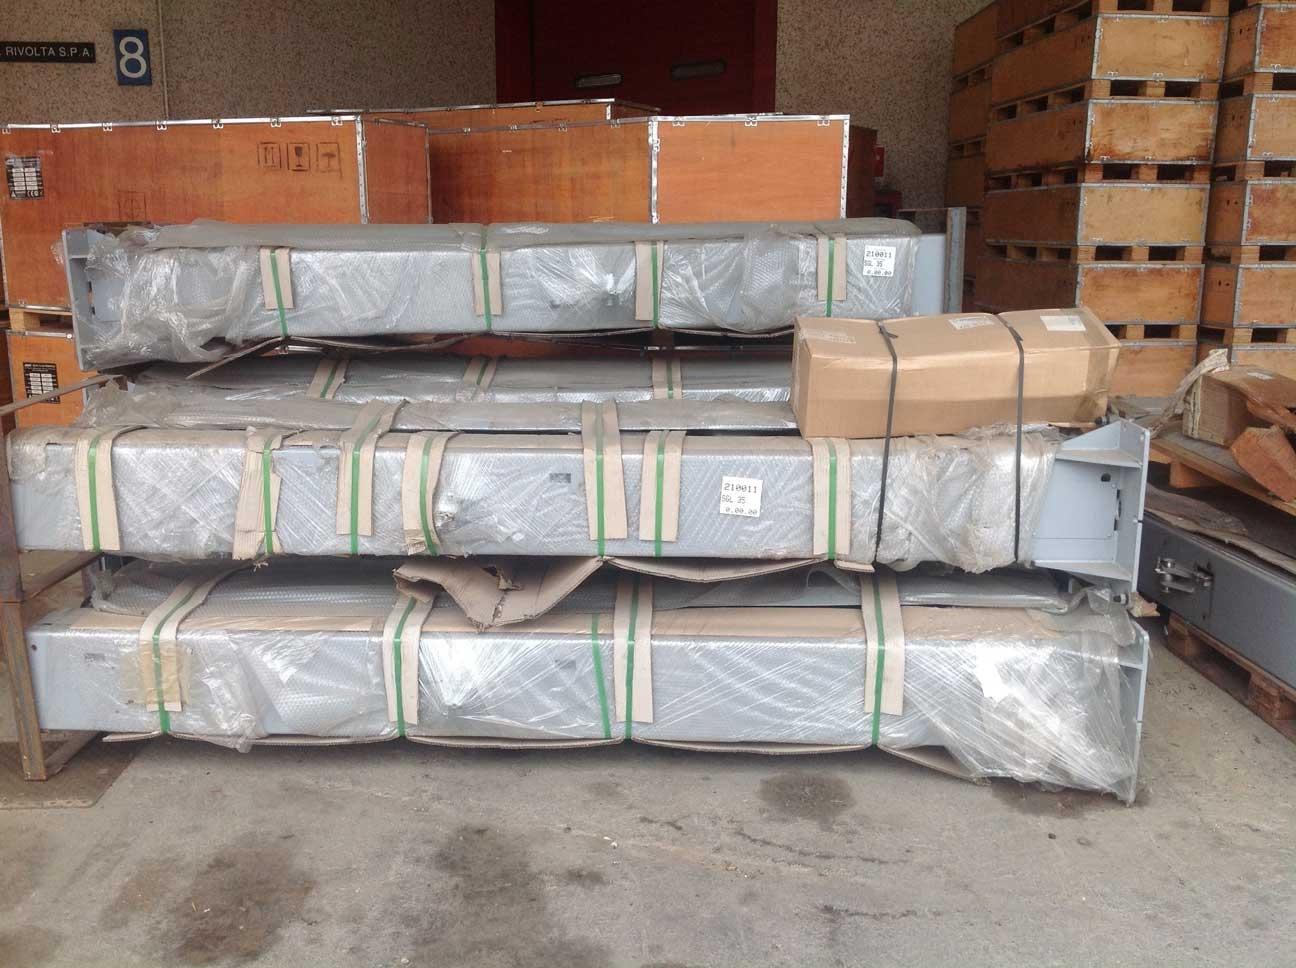 Ponte a 2 colonne fisso Elettroidraulico da 3,5 ton. nuovi sino ad esaurimento scorta. Richiedi info ed offerta senza impegno.